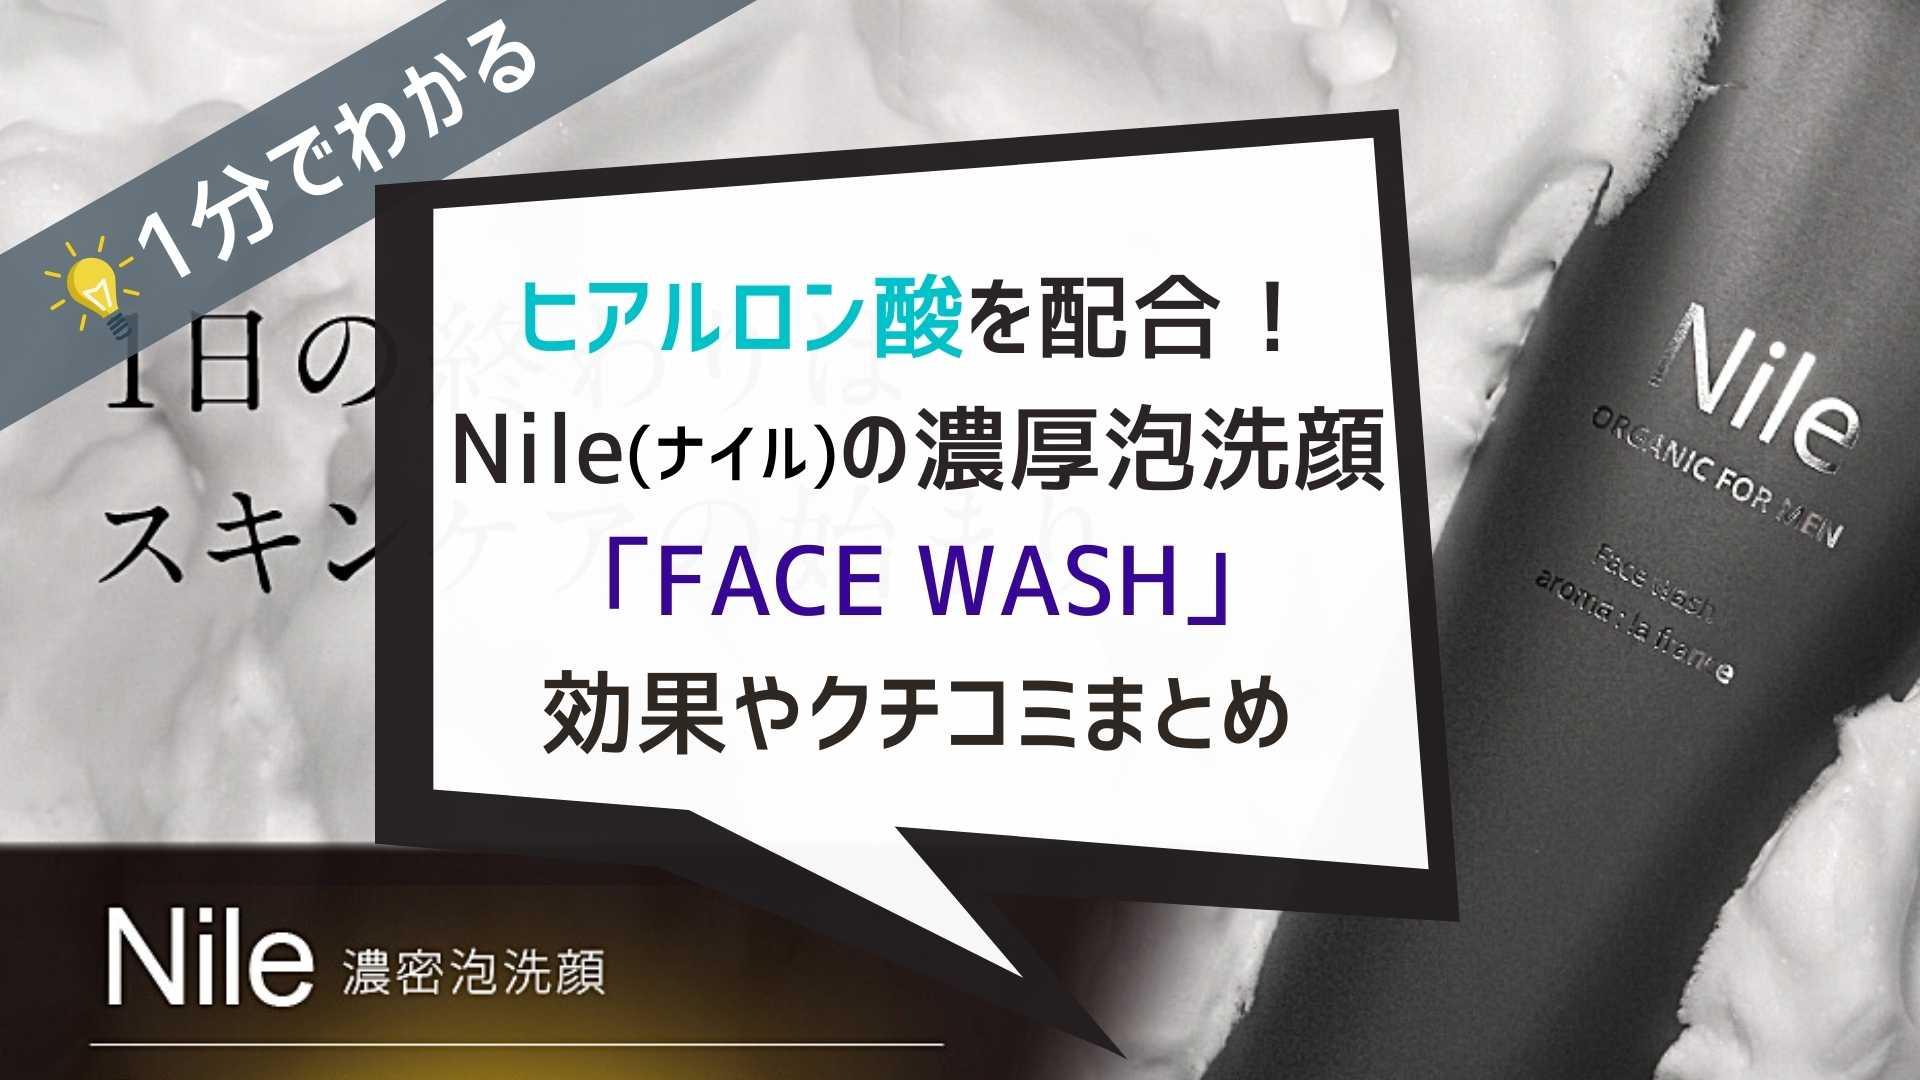 【1分でわかる】Nileのメンズ洗顔の効果や口コミまとめ|ヒアルロン酸配合の敏感肌にも優しい濃厚泡